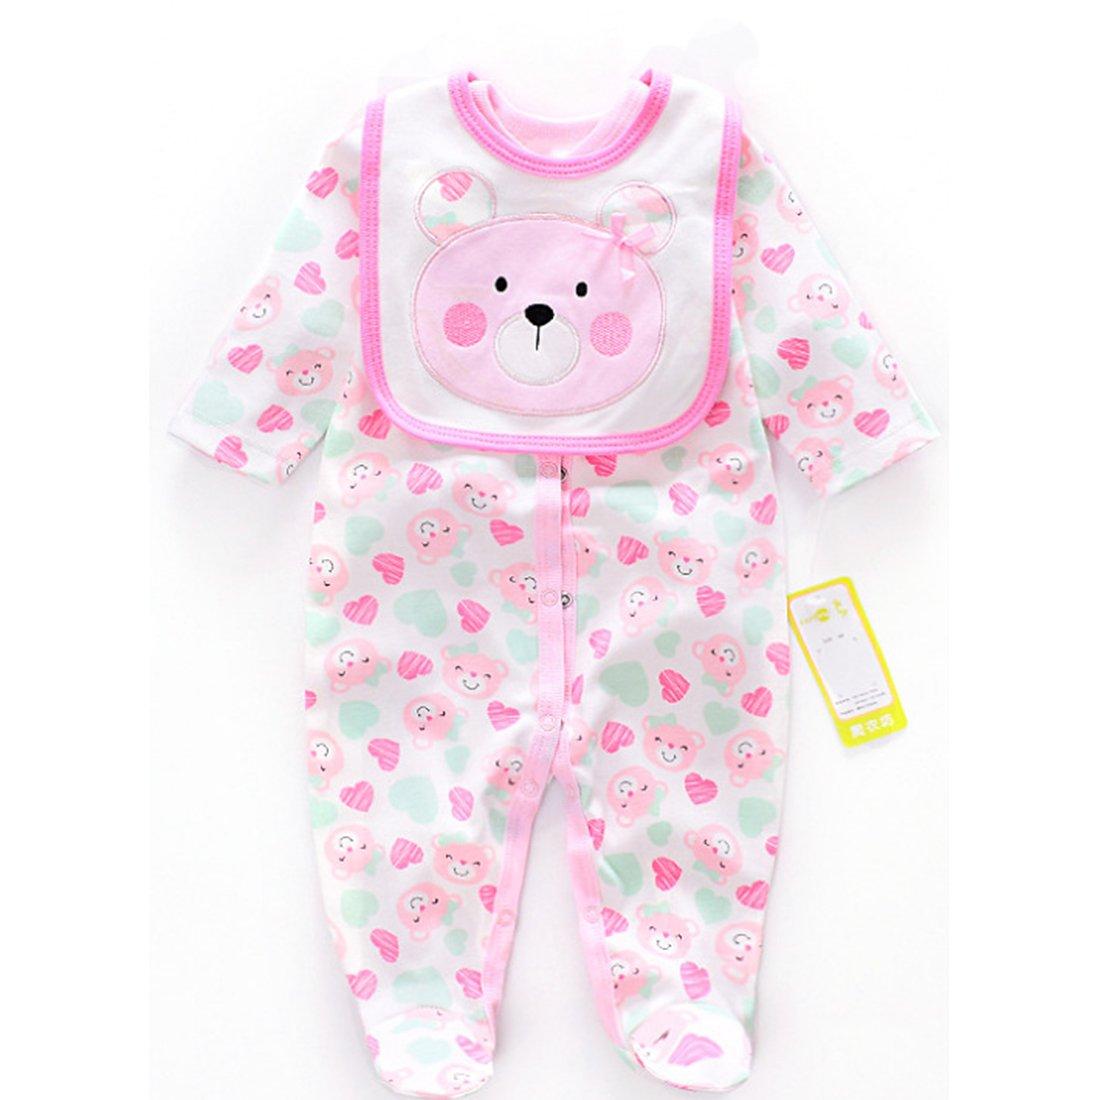 Vêtement Convient pour Les Vêtements de Poupée de 20-22 Pouces, Bébé Reborn Baby Doll, Vêtements Rose